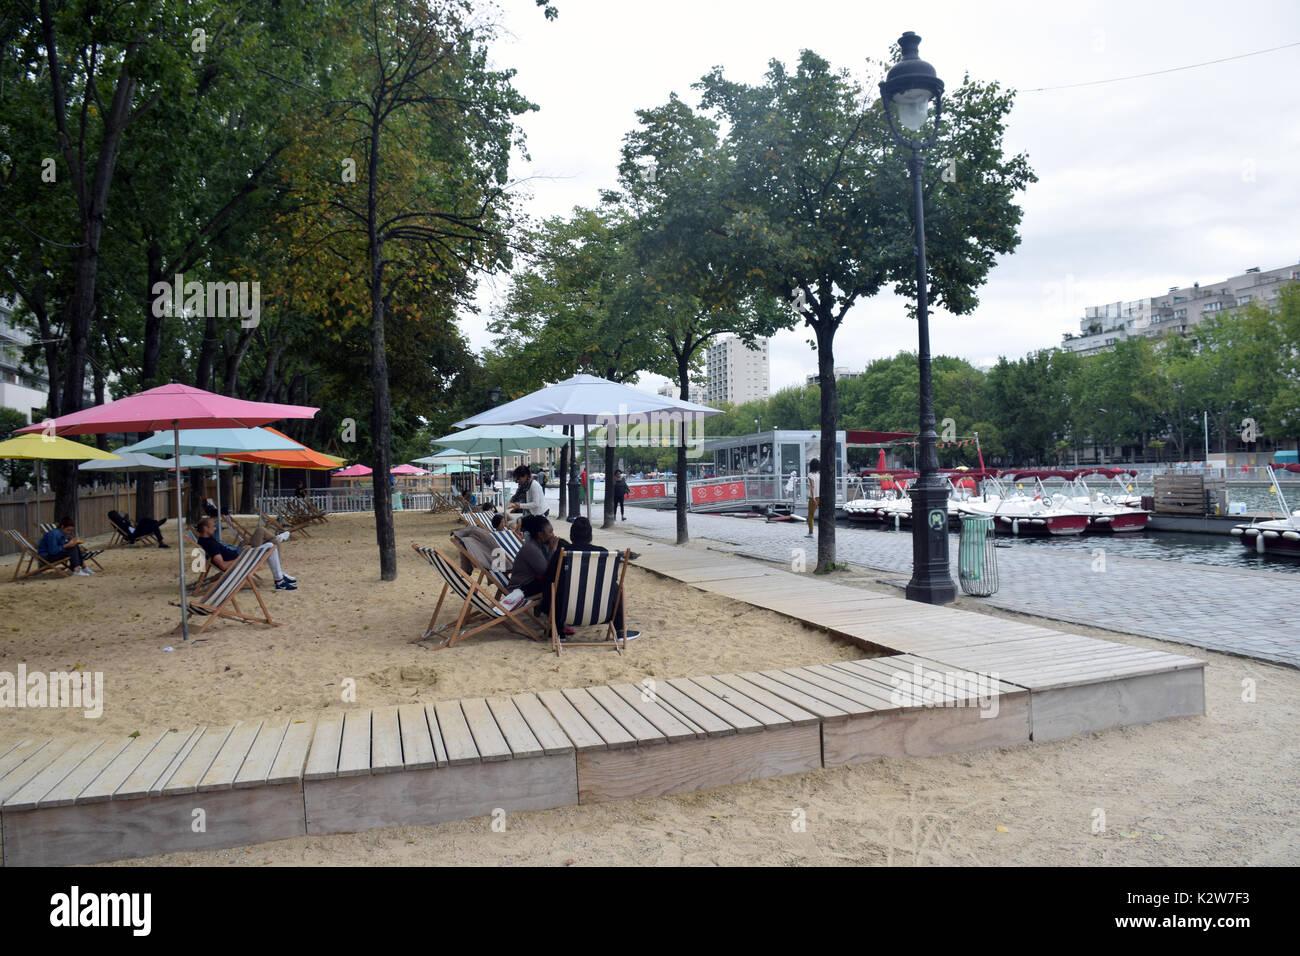 Artificial beach, Quai de la Seine, Bassin de la Villette, Paris, France - Stock Image